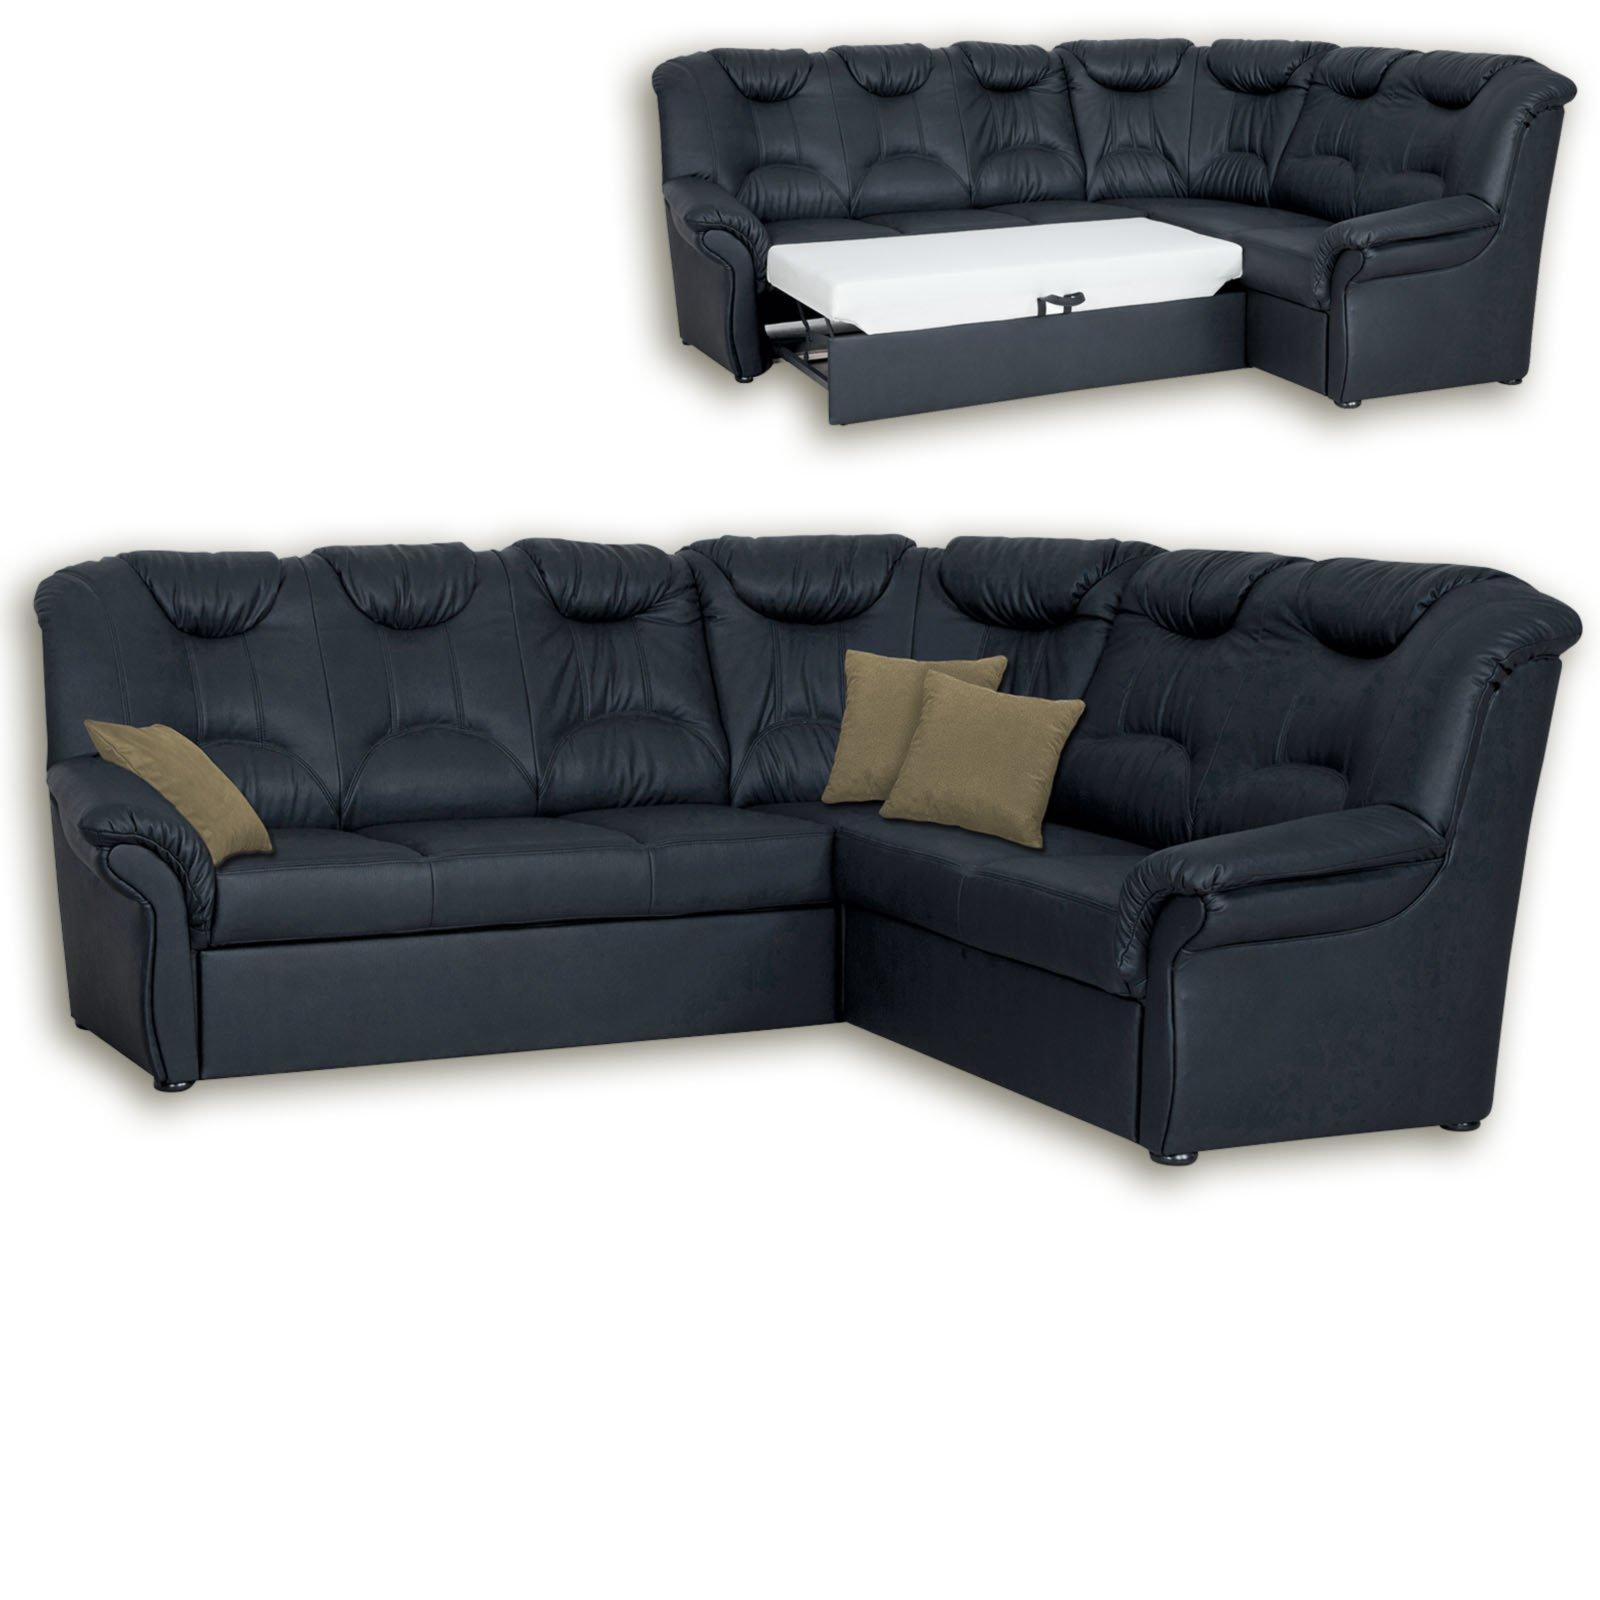 ecksofa schwarz kunstleder mit funktionen ecksofas l form sofas couches m bel. Black Bedroom Furniture Sets. Home Design Ideas